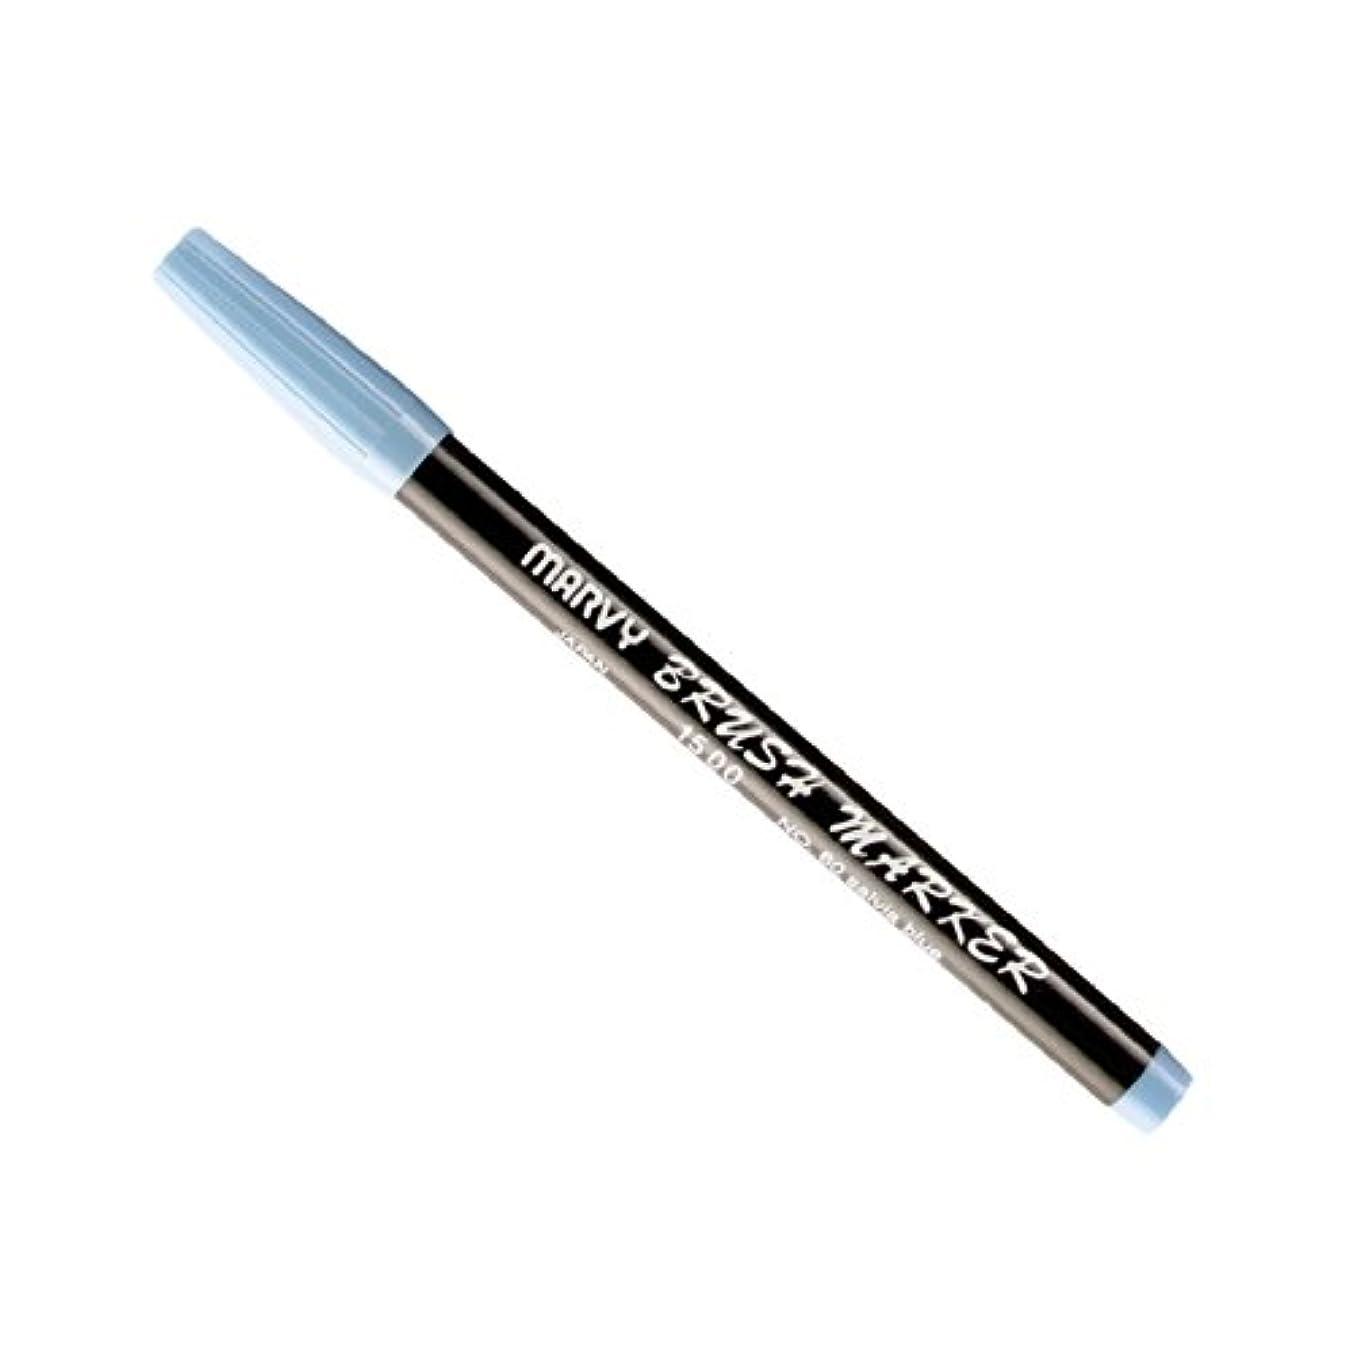 Uchida Of America 1500-C-60 Brush Marker, Salvia Blue